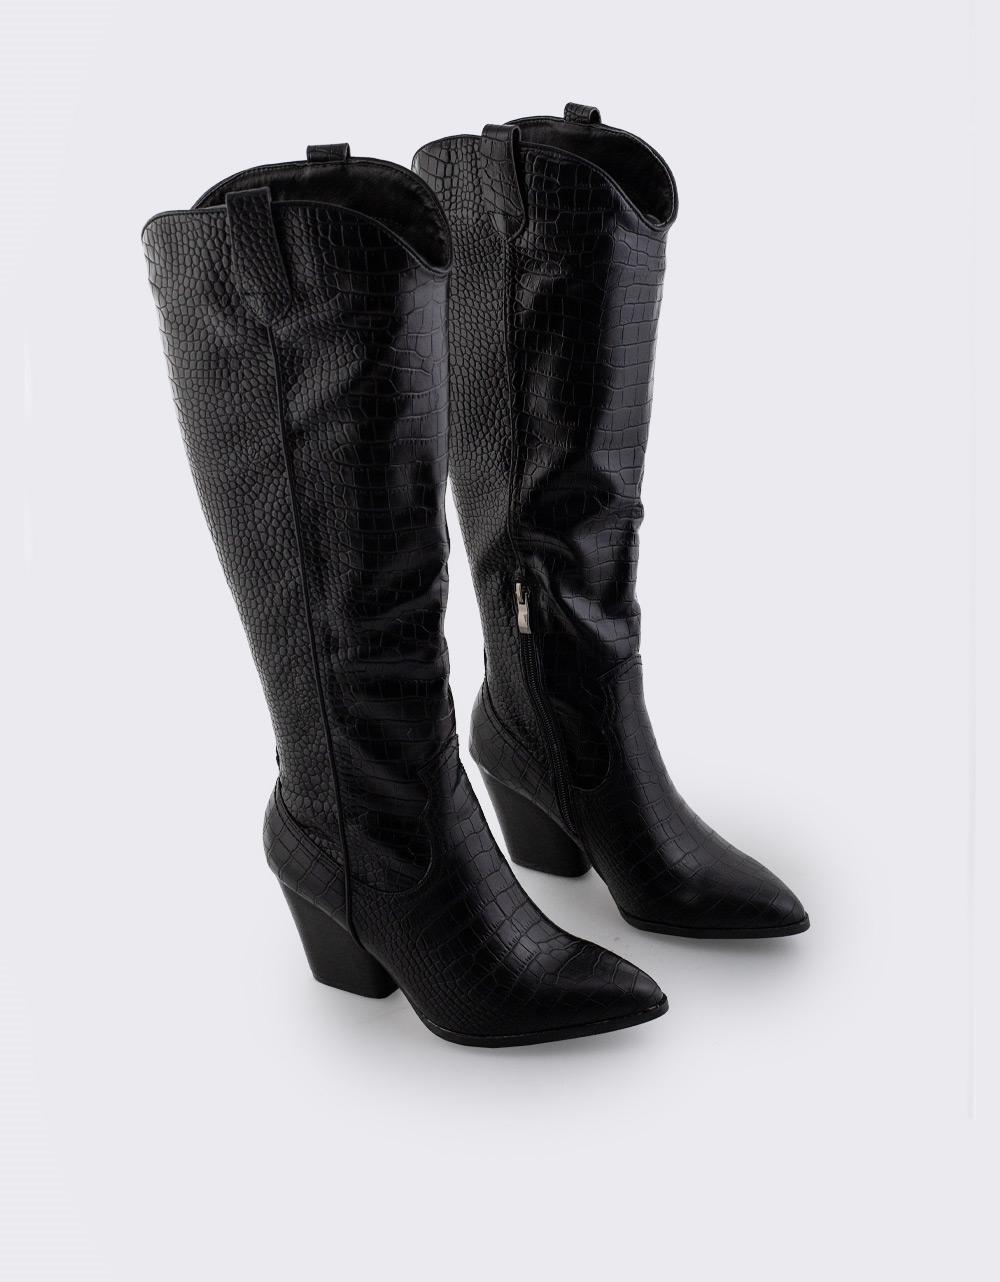 Εικόνα από Γυναικείες μπότες κροκό μονόχρωμες Μαύρο